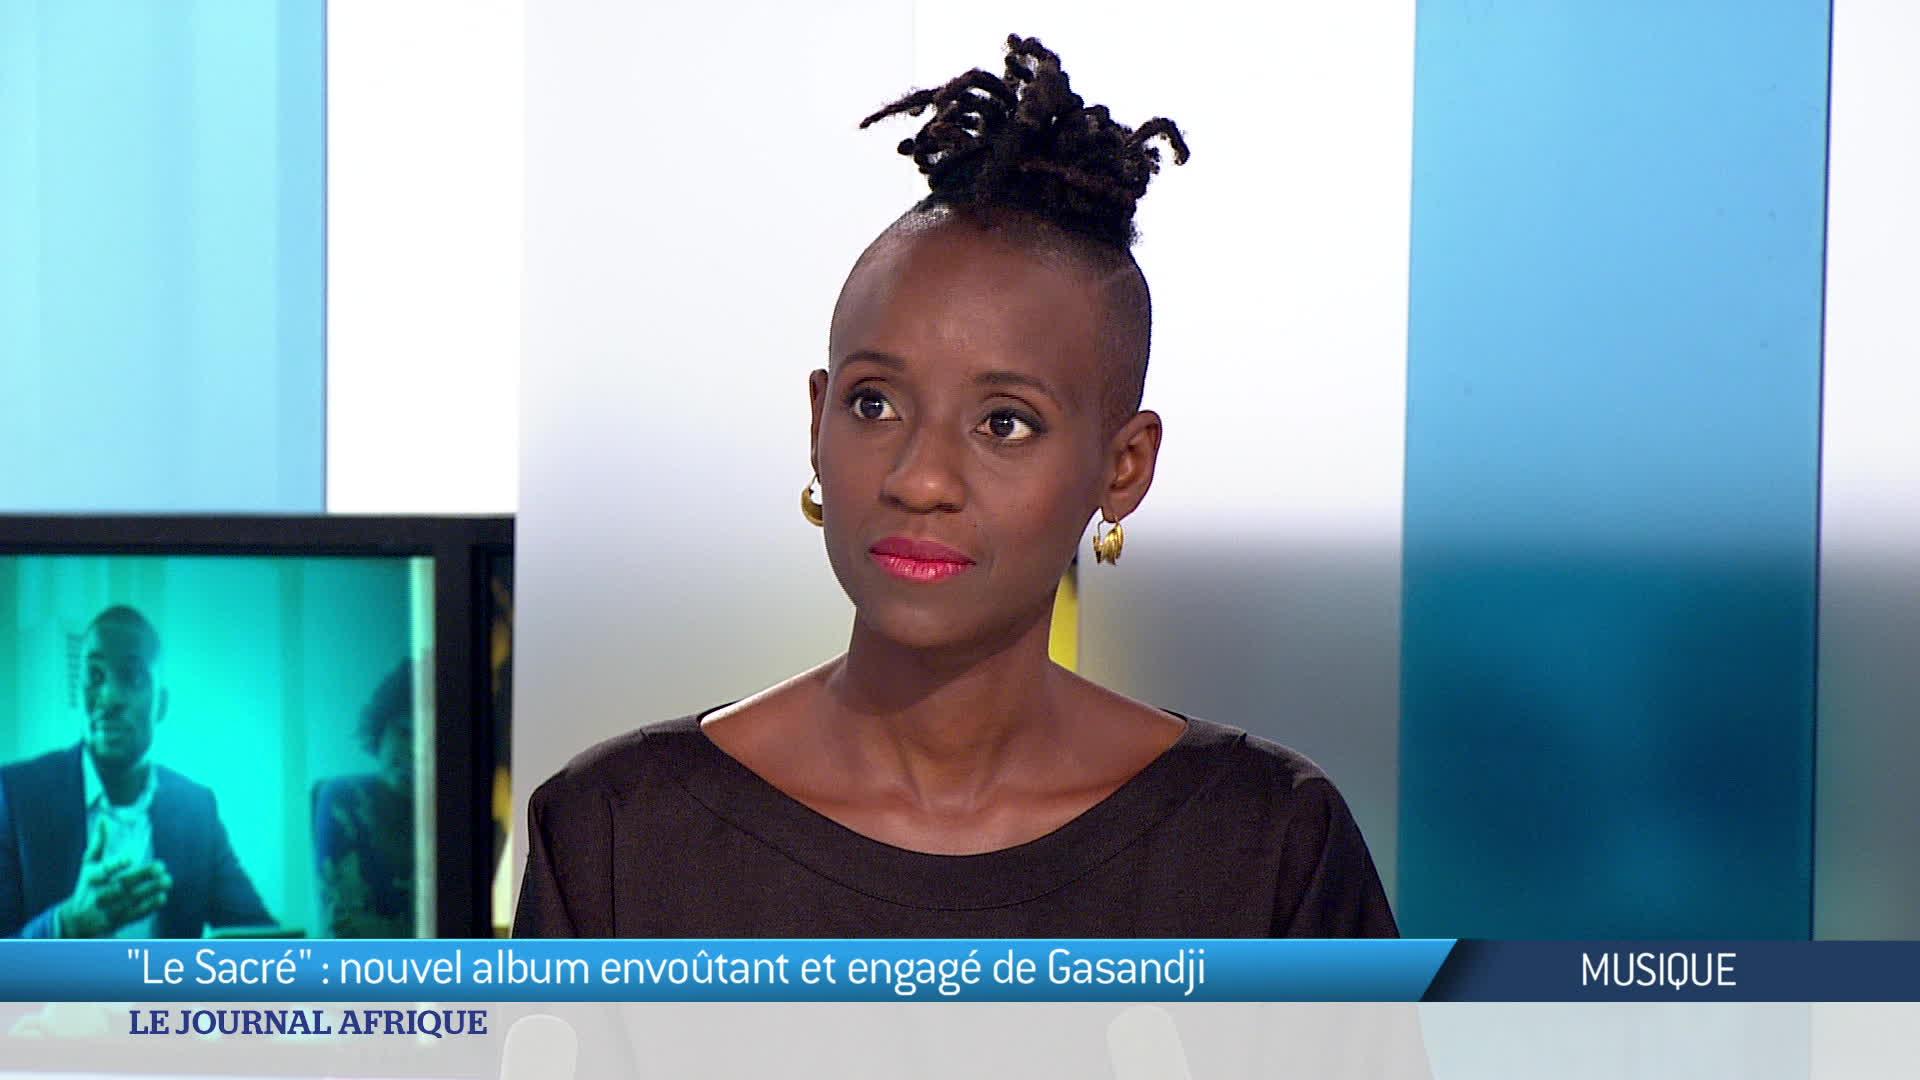 Musique : La chanteuse Gasandji